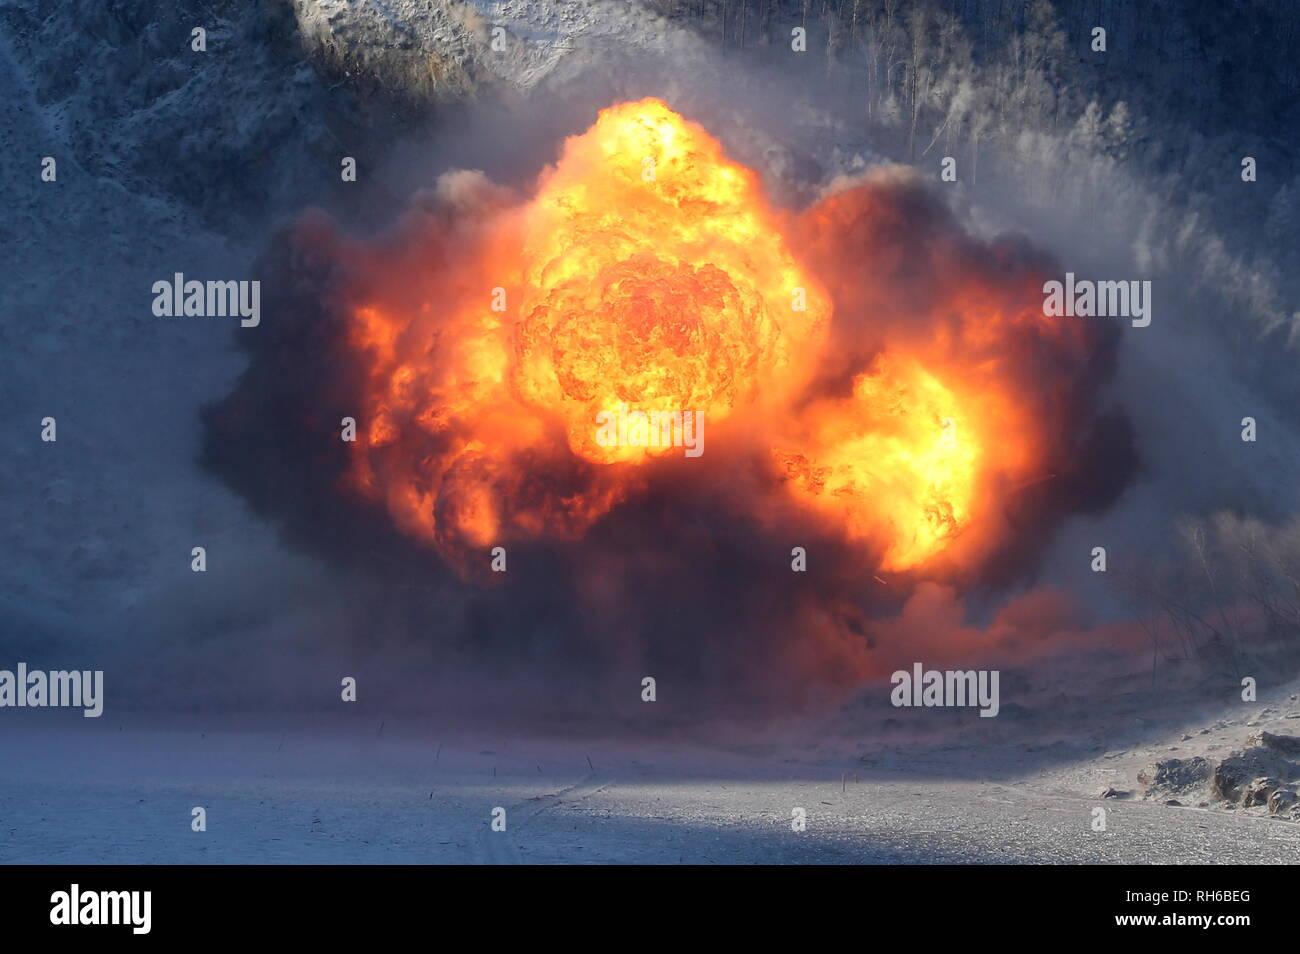 La Russie. 06Th Feb 2019. Territoire de Khabarovsk, Russie - Février 1, 2019: Le ministère russe de la Défense effectue une opération de dynamitage sur la rivière Bureya bloqué par une pente de montagne s'est effondrée après un glissement récent près de la centrale hydroélectrique d'Bureyskaya et constituant une menace d'inondation dans le territoire de Khabarovsk. Stanislav Krasilnikov/crédit: TASS ITAR-TASS News Agency/Alamy Live News Photo Stock